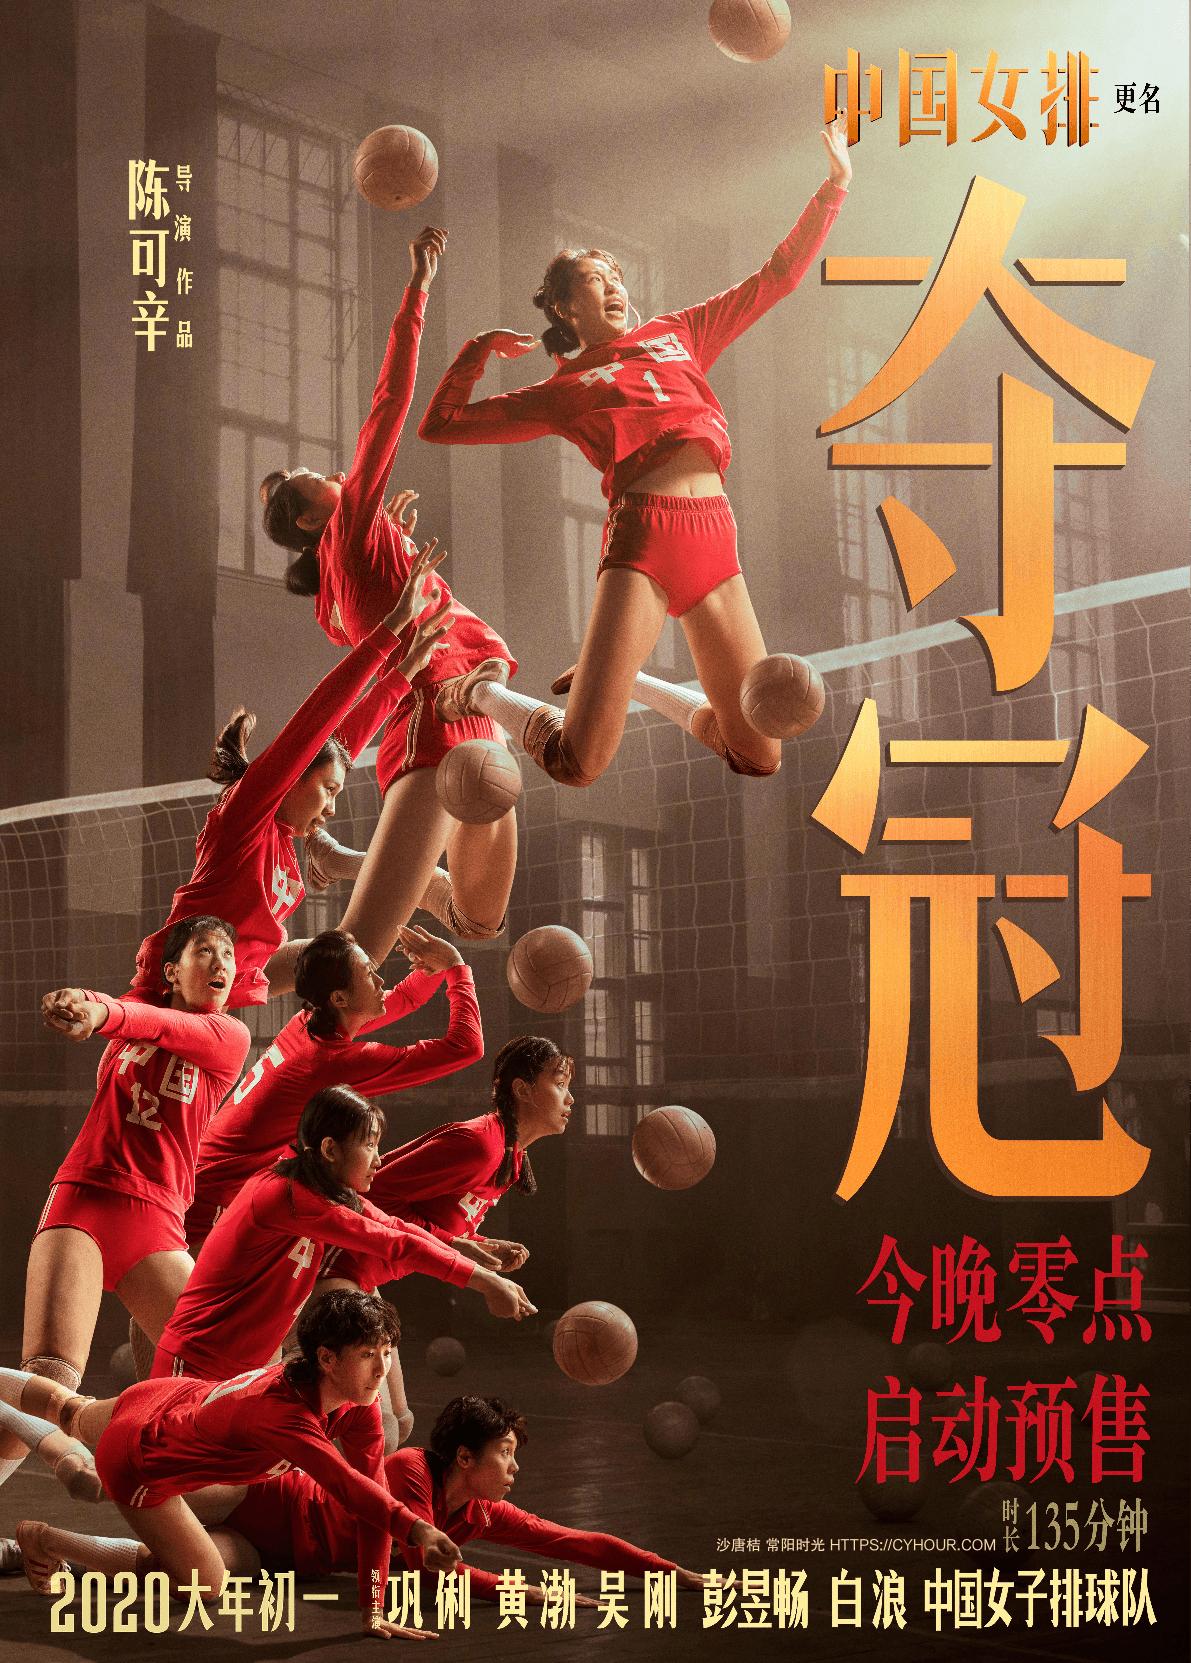 夺冠.Leap.1080p.BT.中国女排.国语中字 (2020) 豆瓣 2020 评分最高华语电影-垃圾站